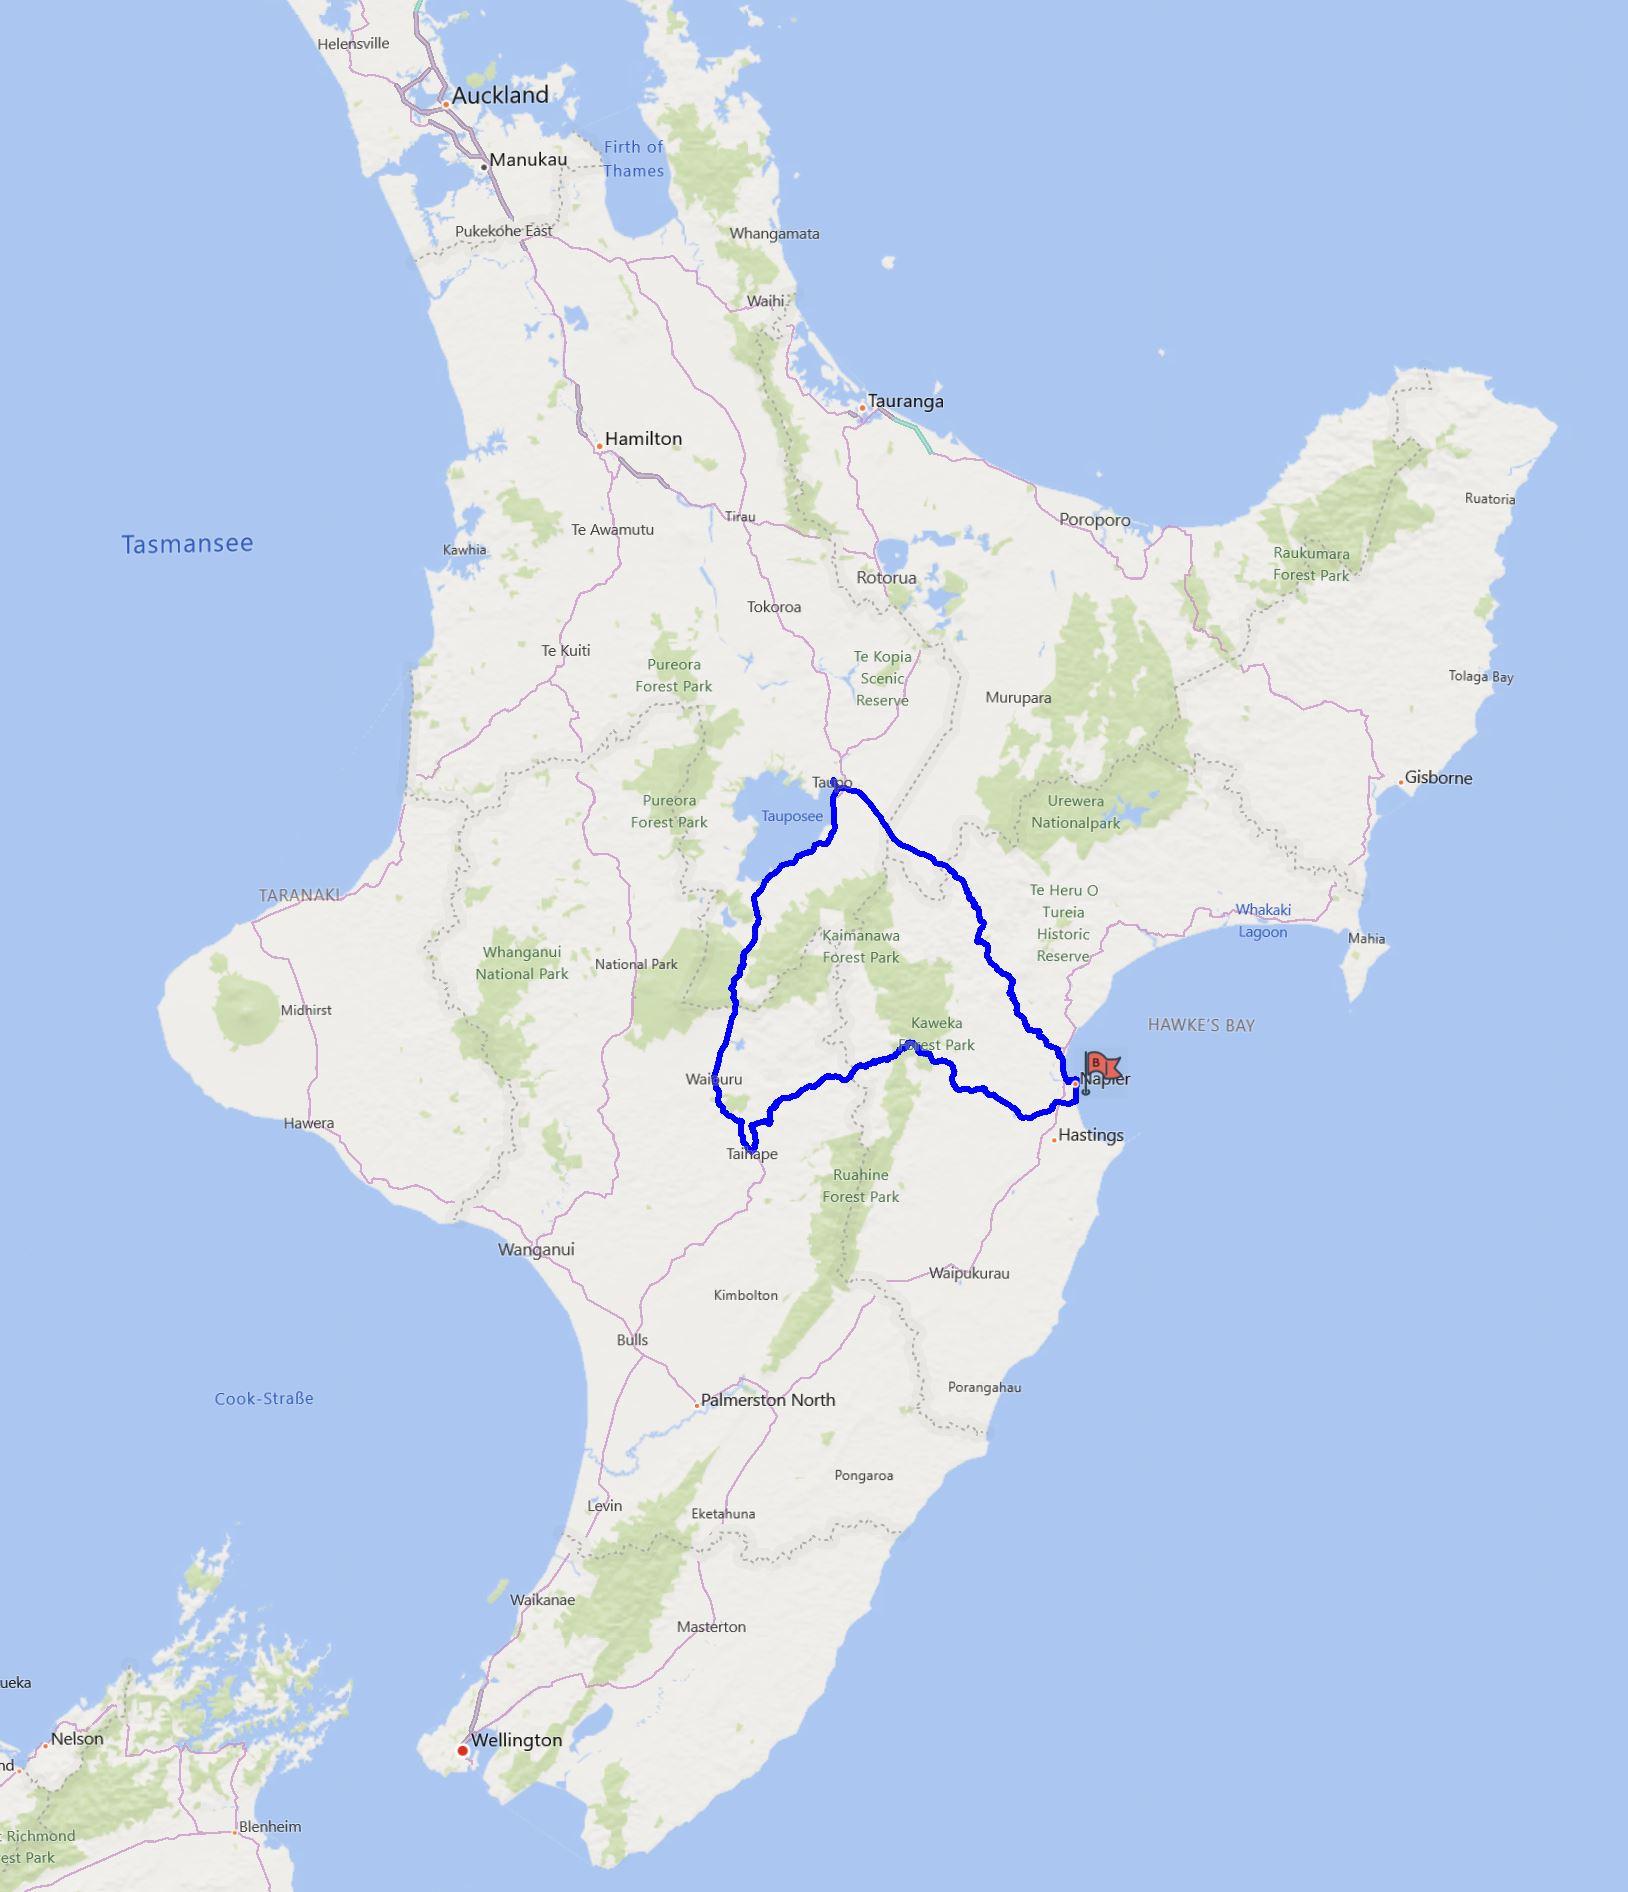 Napier-Taihape-Taupo-Napier